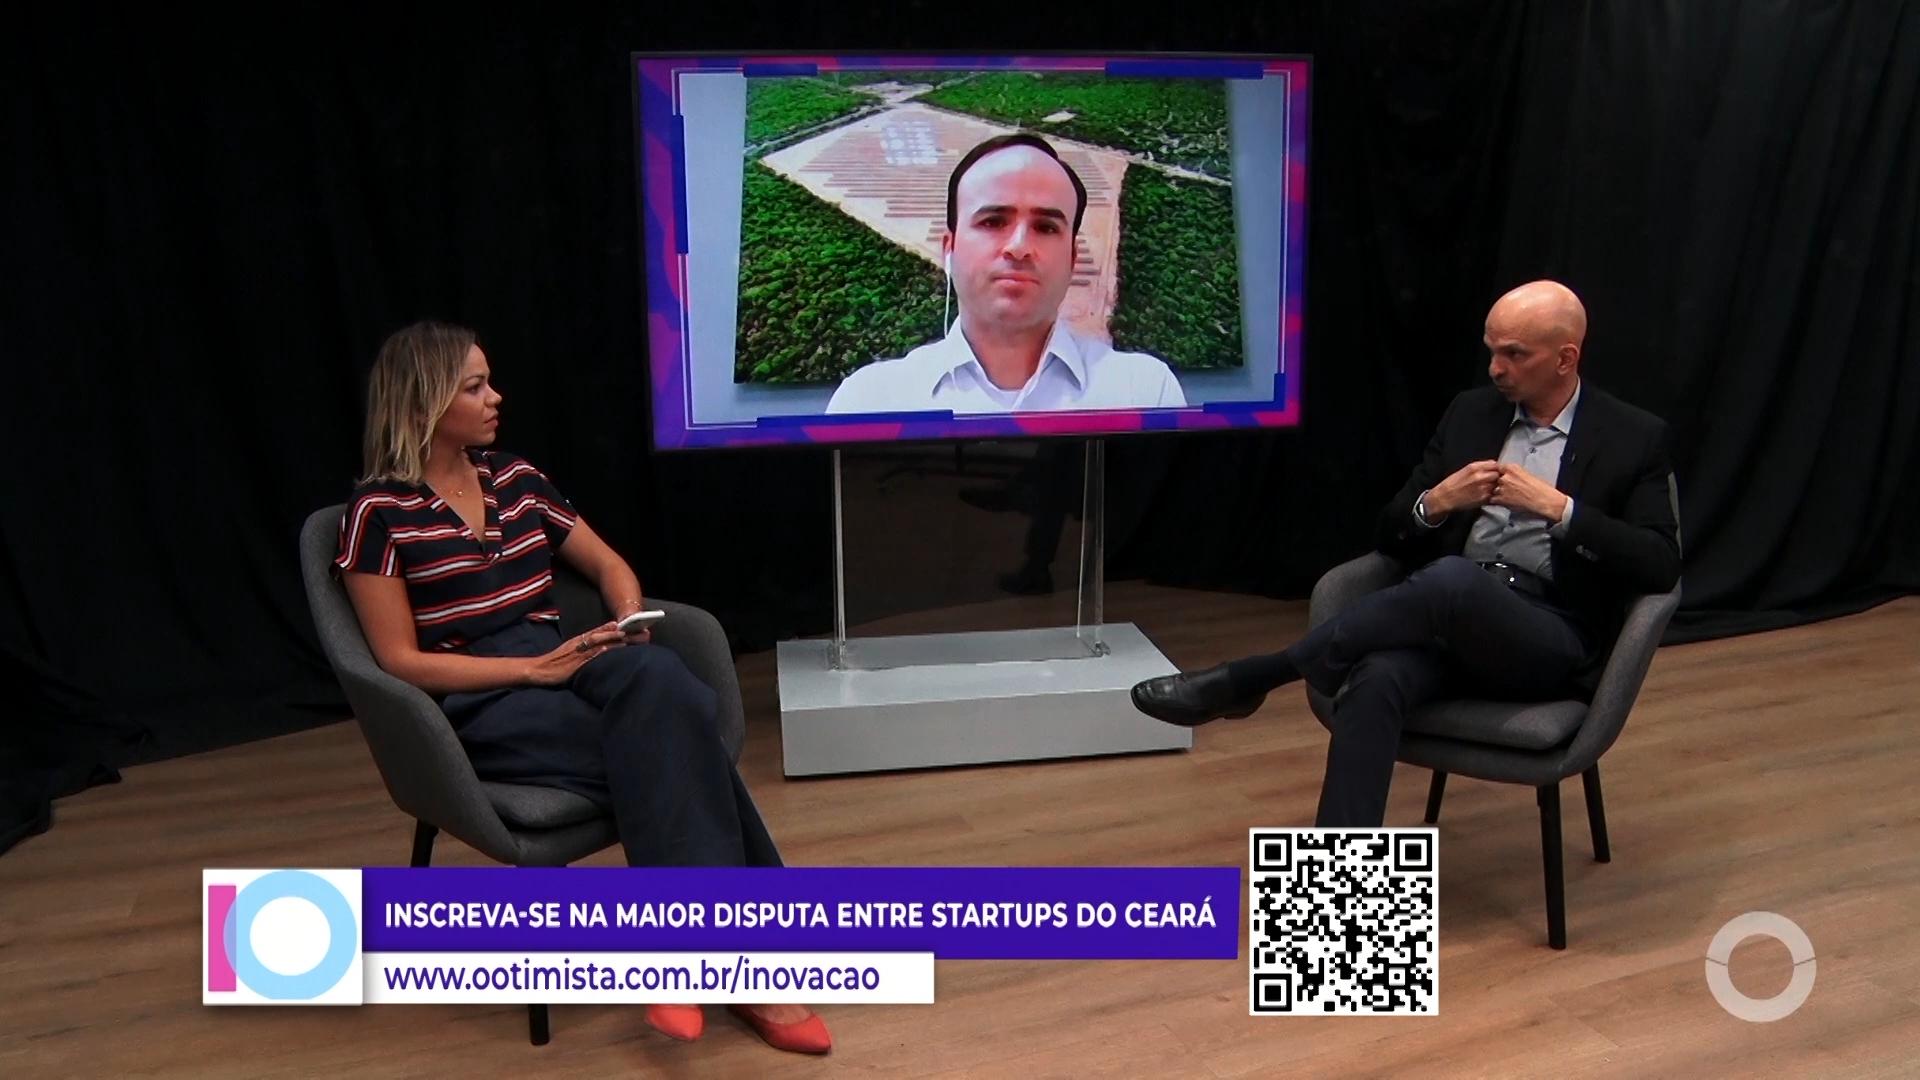 Prêmio Otimista de inovação com Pedro fiúza, CEO da Servtec Energia e Ian Correia Pres. Aço Cearense